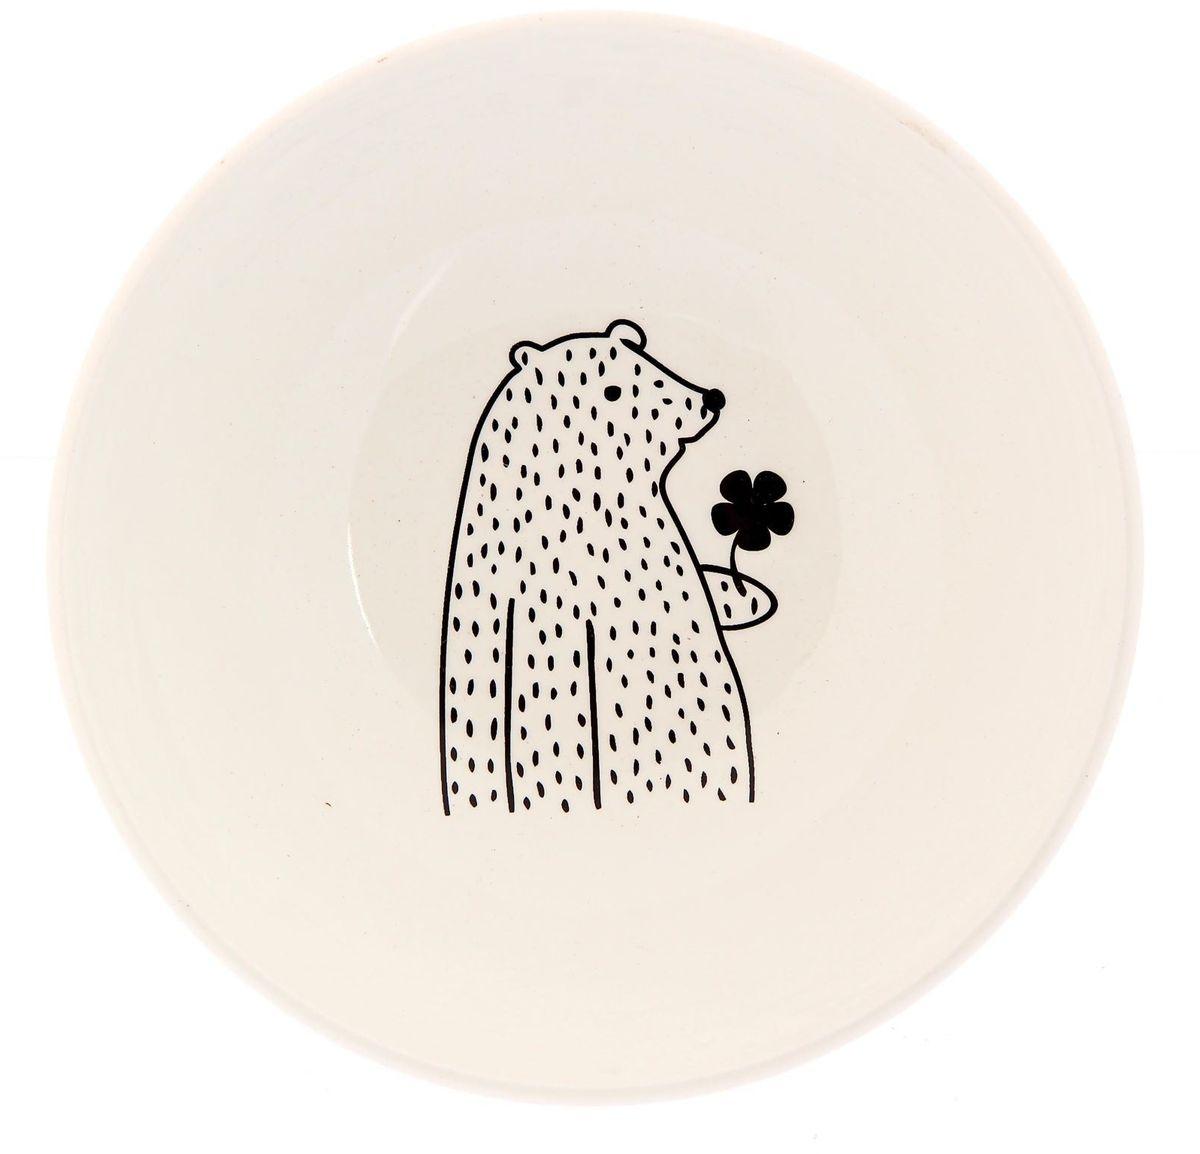 Салатник Сотвори чудо Цветочный мишка, диаметр 16,5 см54 009312Хотите обновить интерьер кухни или гостиной? Устраиваете необычную фотосессию или тематический праздник? А может, просто ищете подарок для близкого человека?Посуда « Сотвори Чудо» — правильный выбор в любой ситуации. Её достоинства:изящный фаянс нежного сливочного цвета;стойкость краски;пригодность для посудомоечных машин.